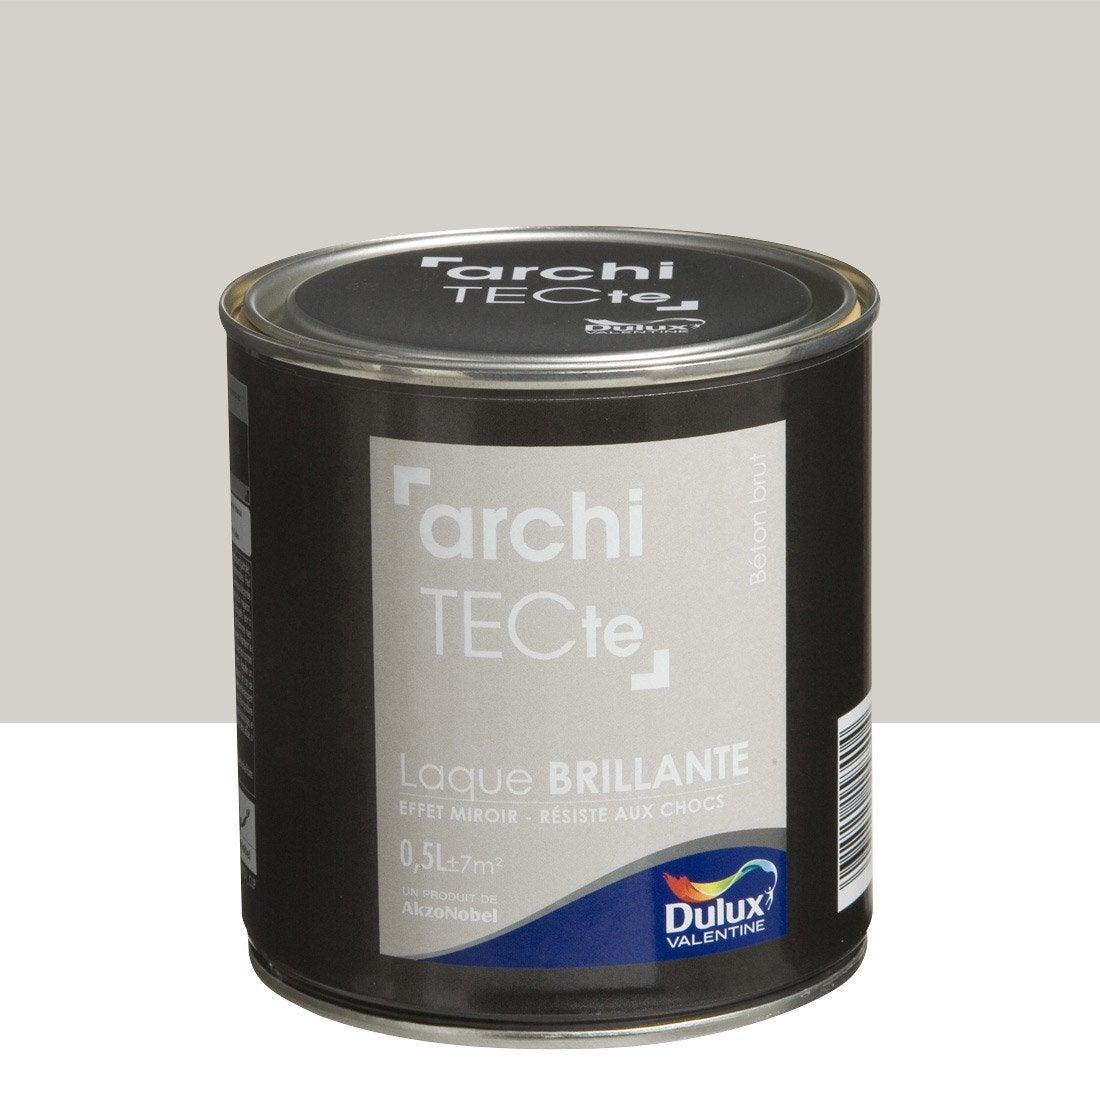 peinture gris b ton brut dulux valentine architecte 0 5 l. Black Bedroom Furniture Sets. Home Design Ideas